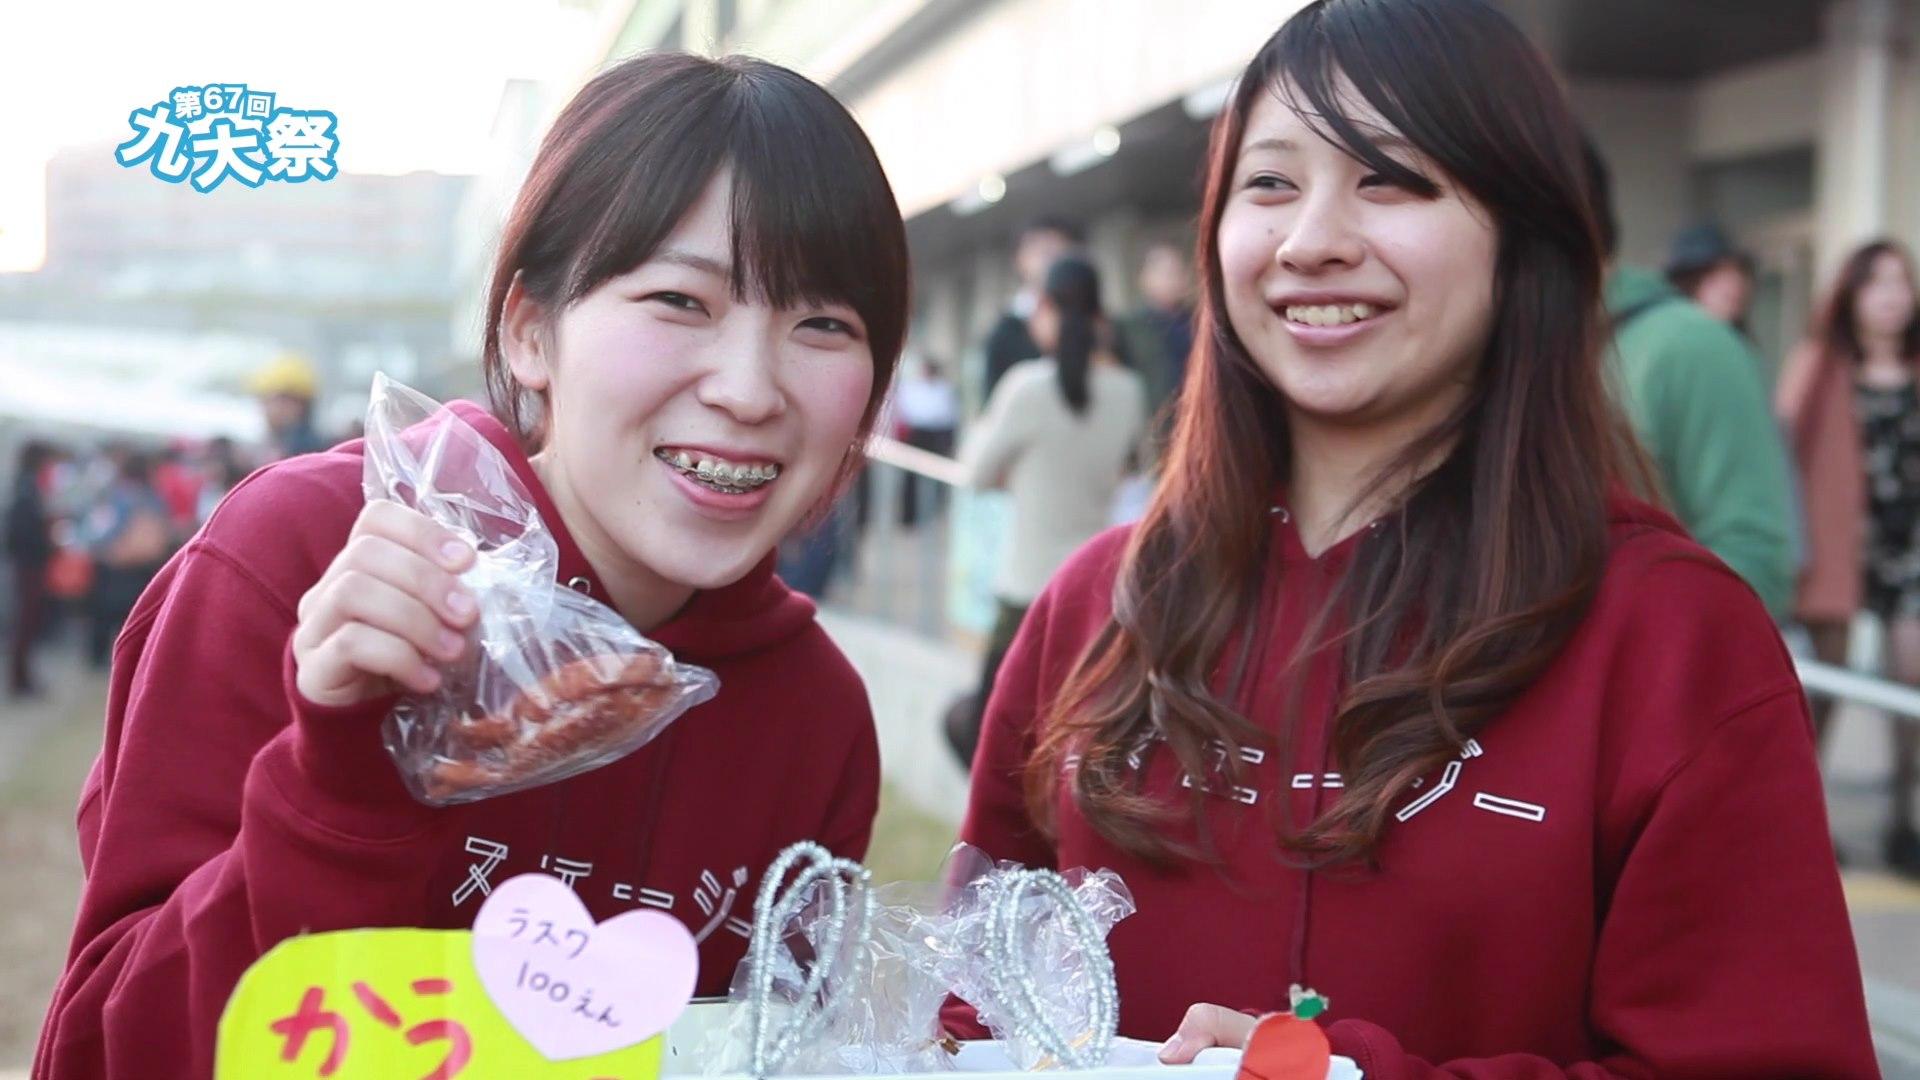 第67回 九州大学学祭.mov_000379354